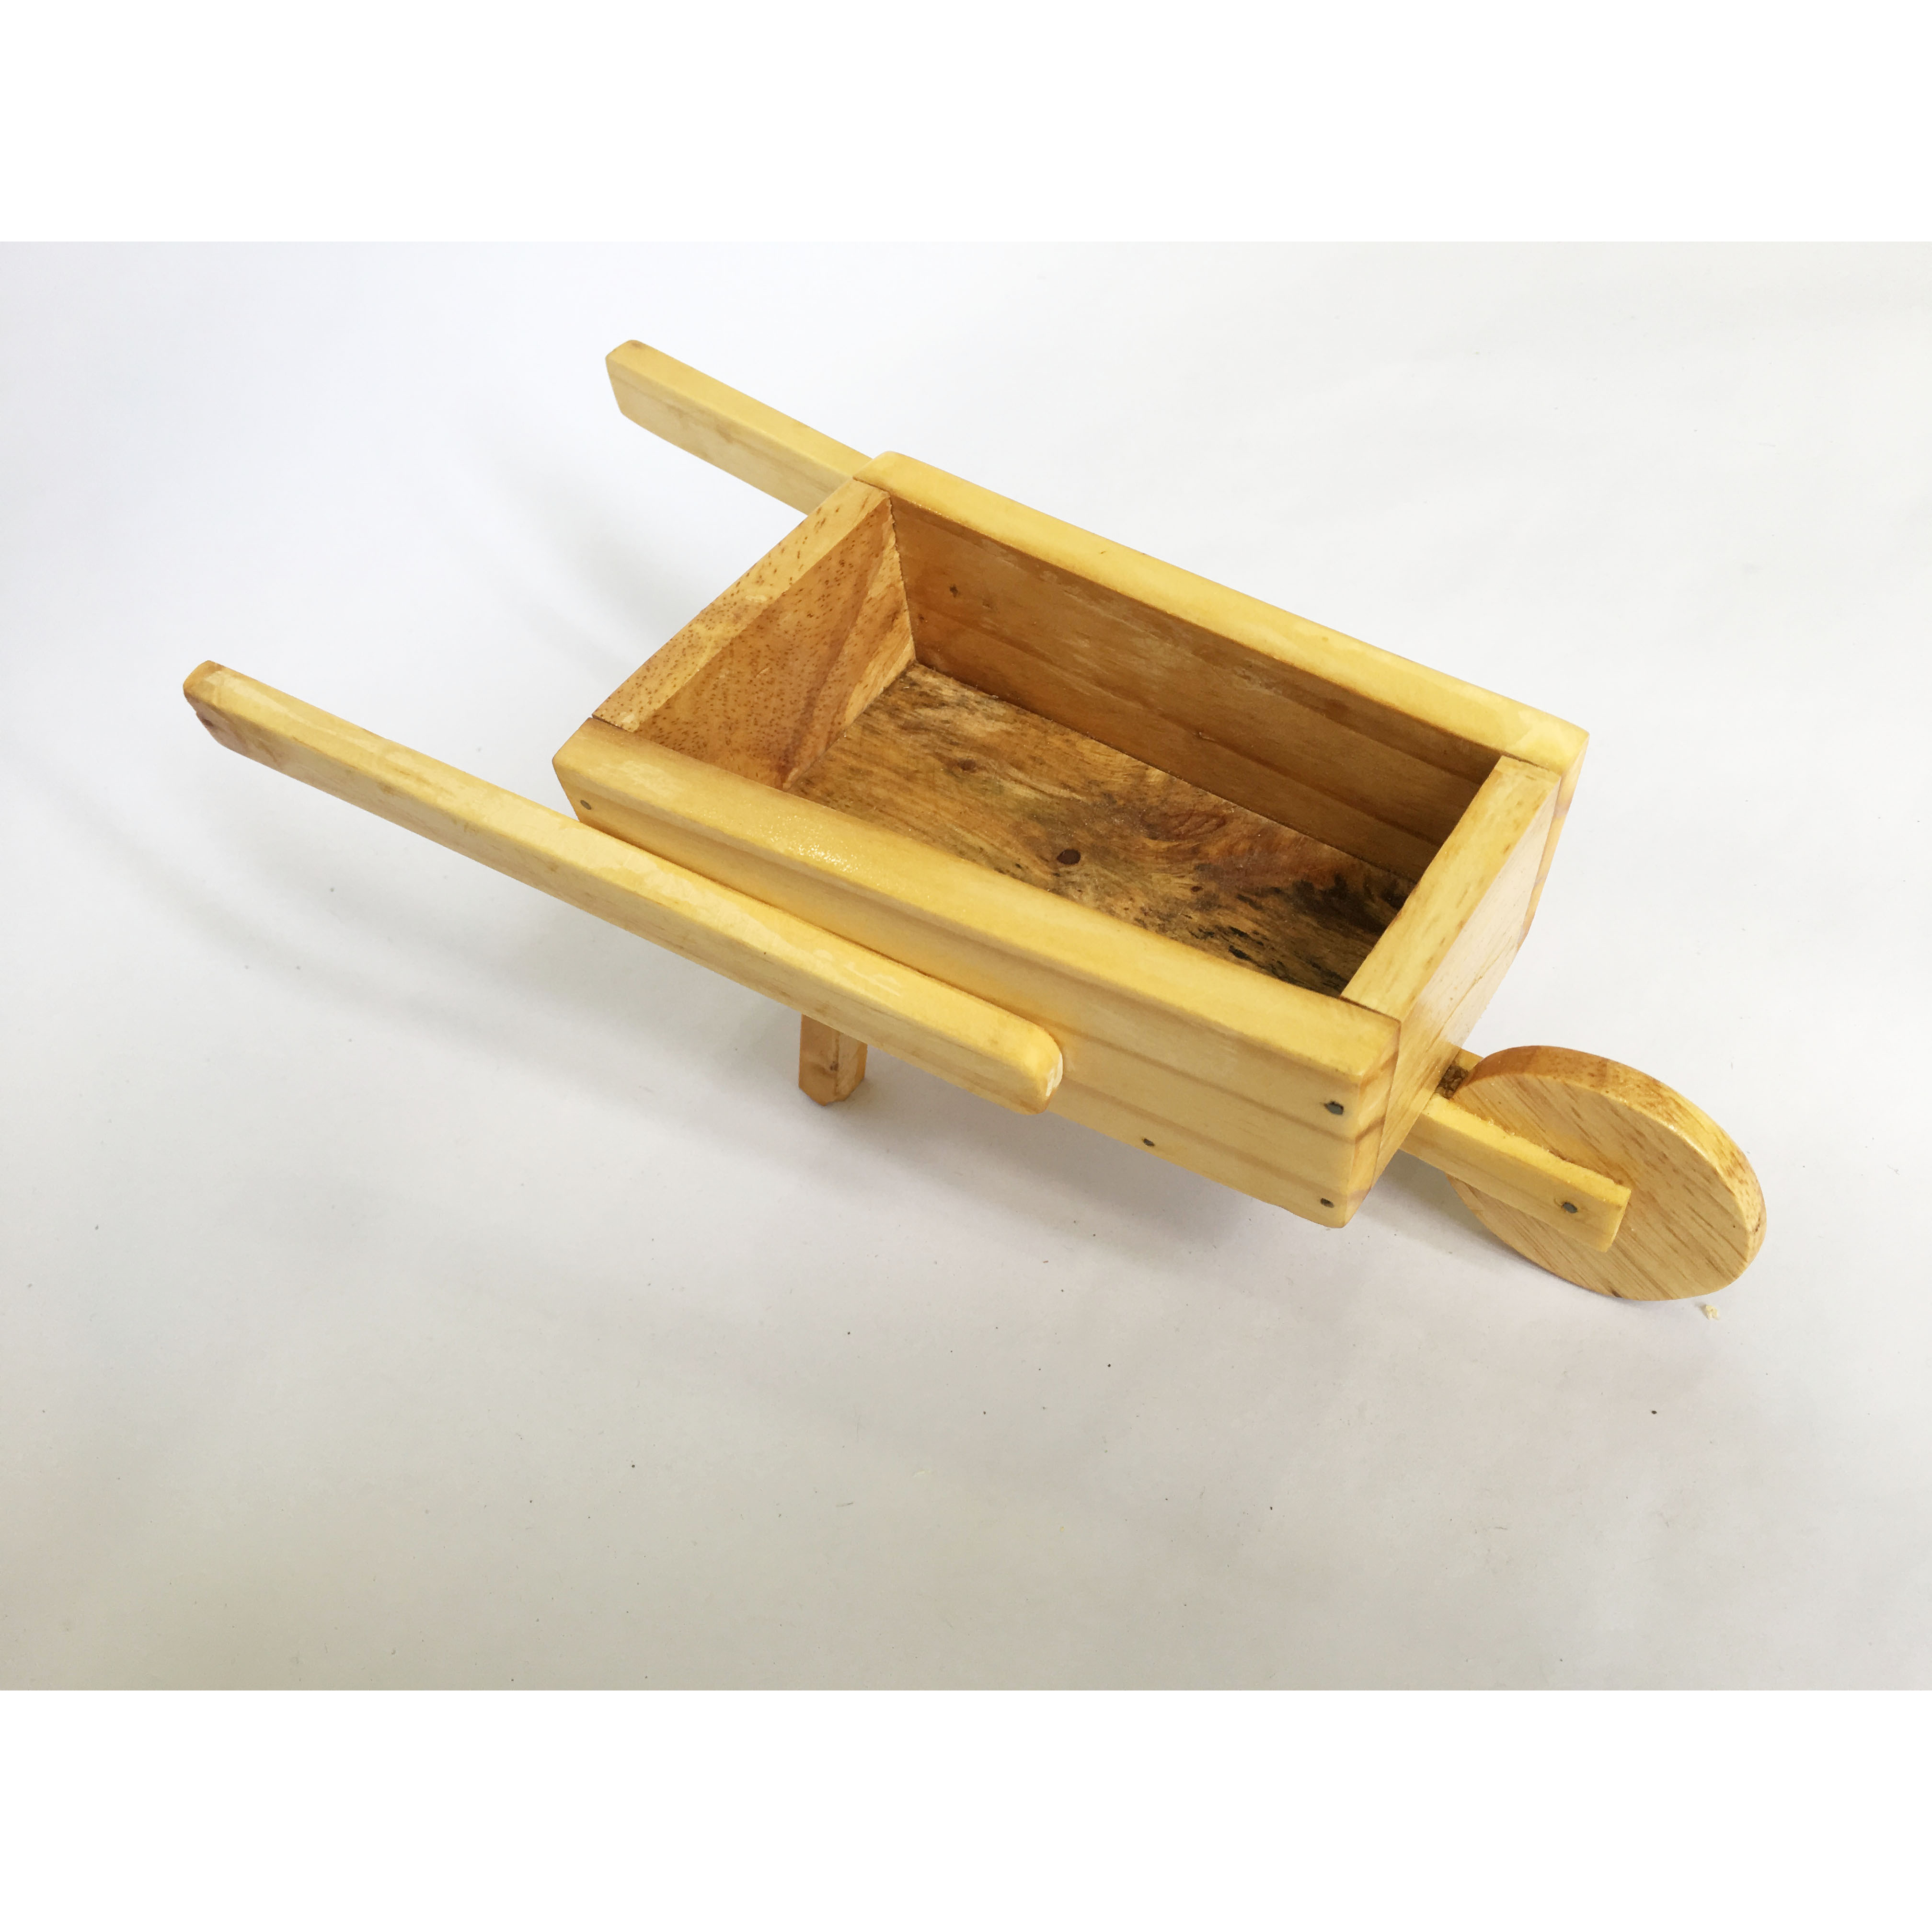 Xe rùa gỗ mini - phụ kiện trang trí đa năng